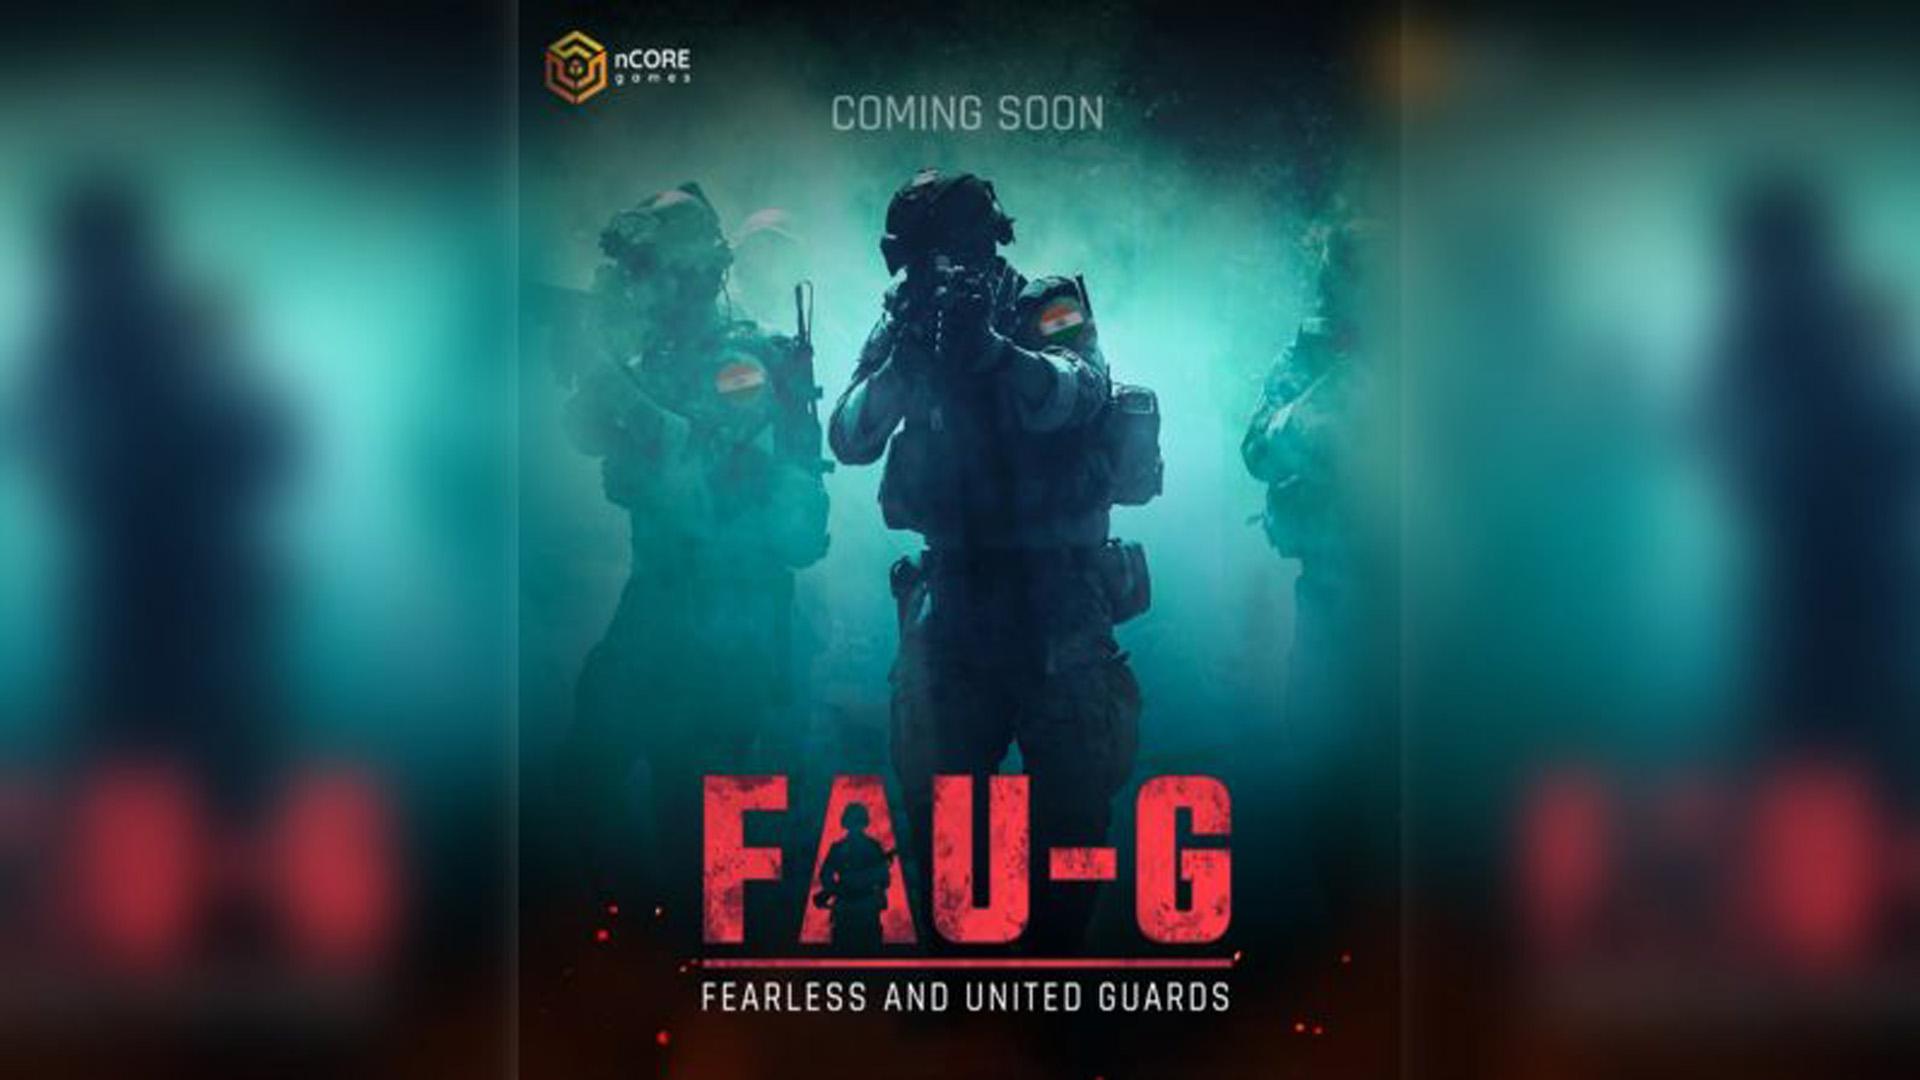 لعبة FAU-G الهندية متعددة الاعبين بديل PUBG بعد حظرها